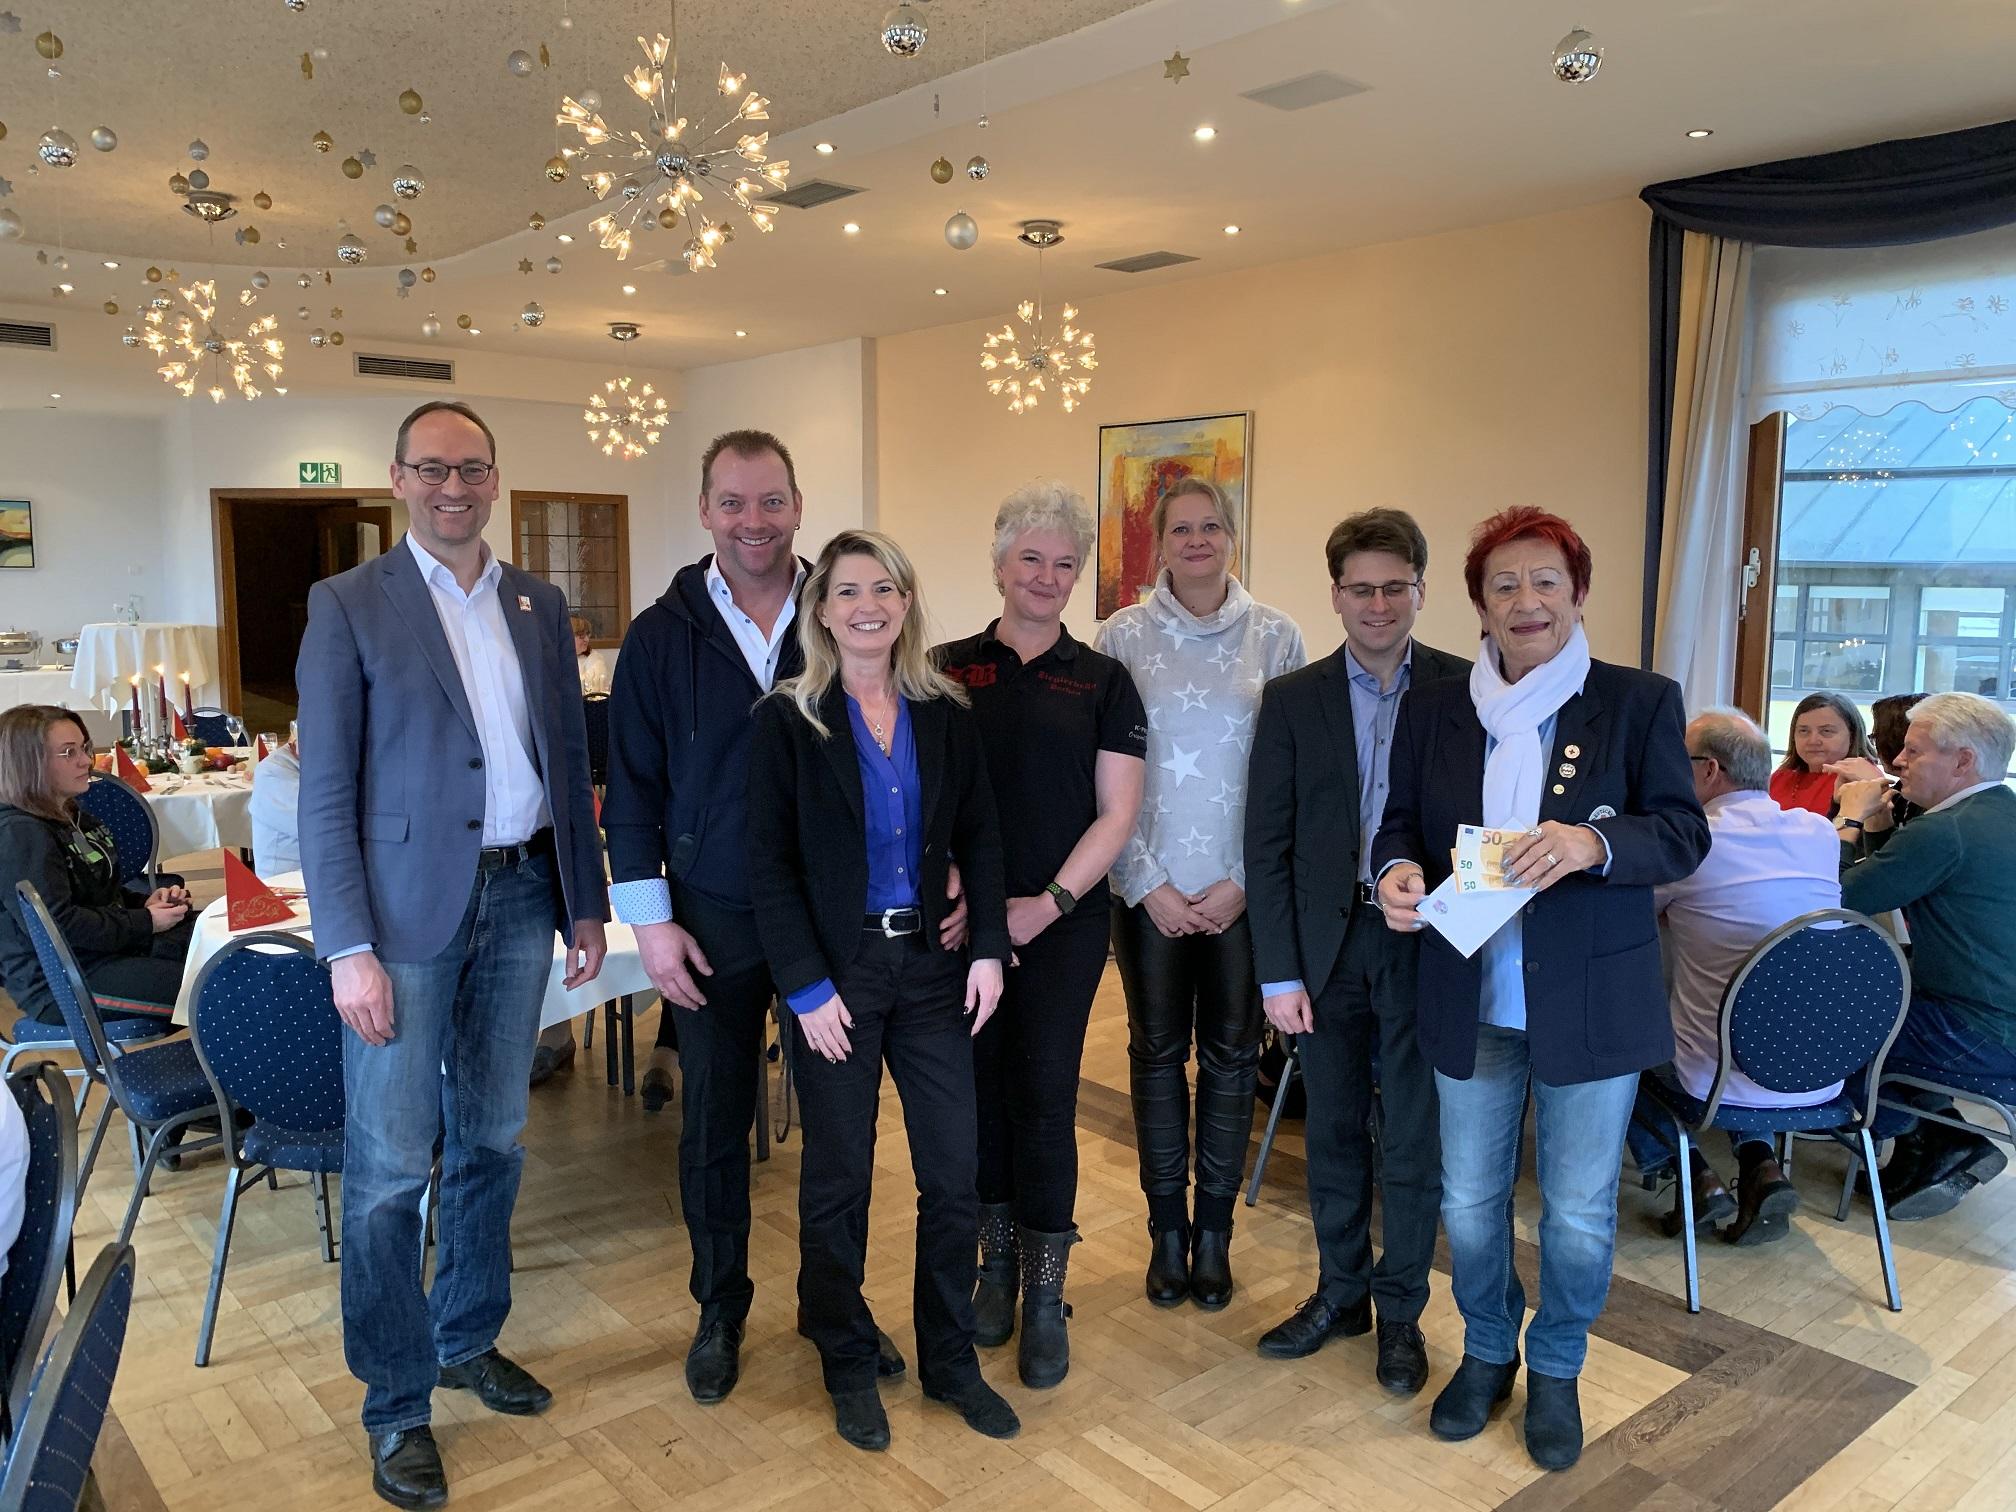 Bernhard Seidenath, Jürgen Vötter und Andrea Schneider, Tina Koprek und Sonja Dalla Pozza, OB Hartmann, Edda Drittenpreis